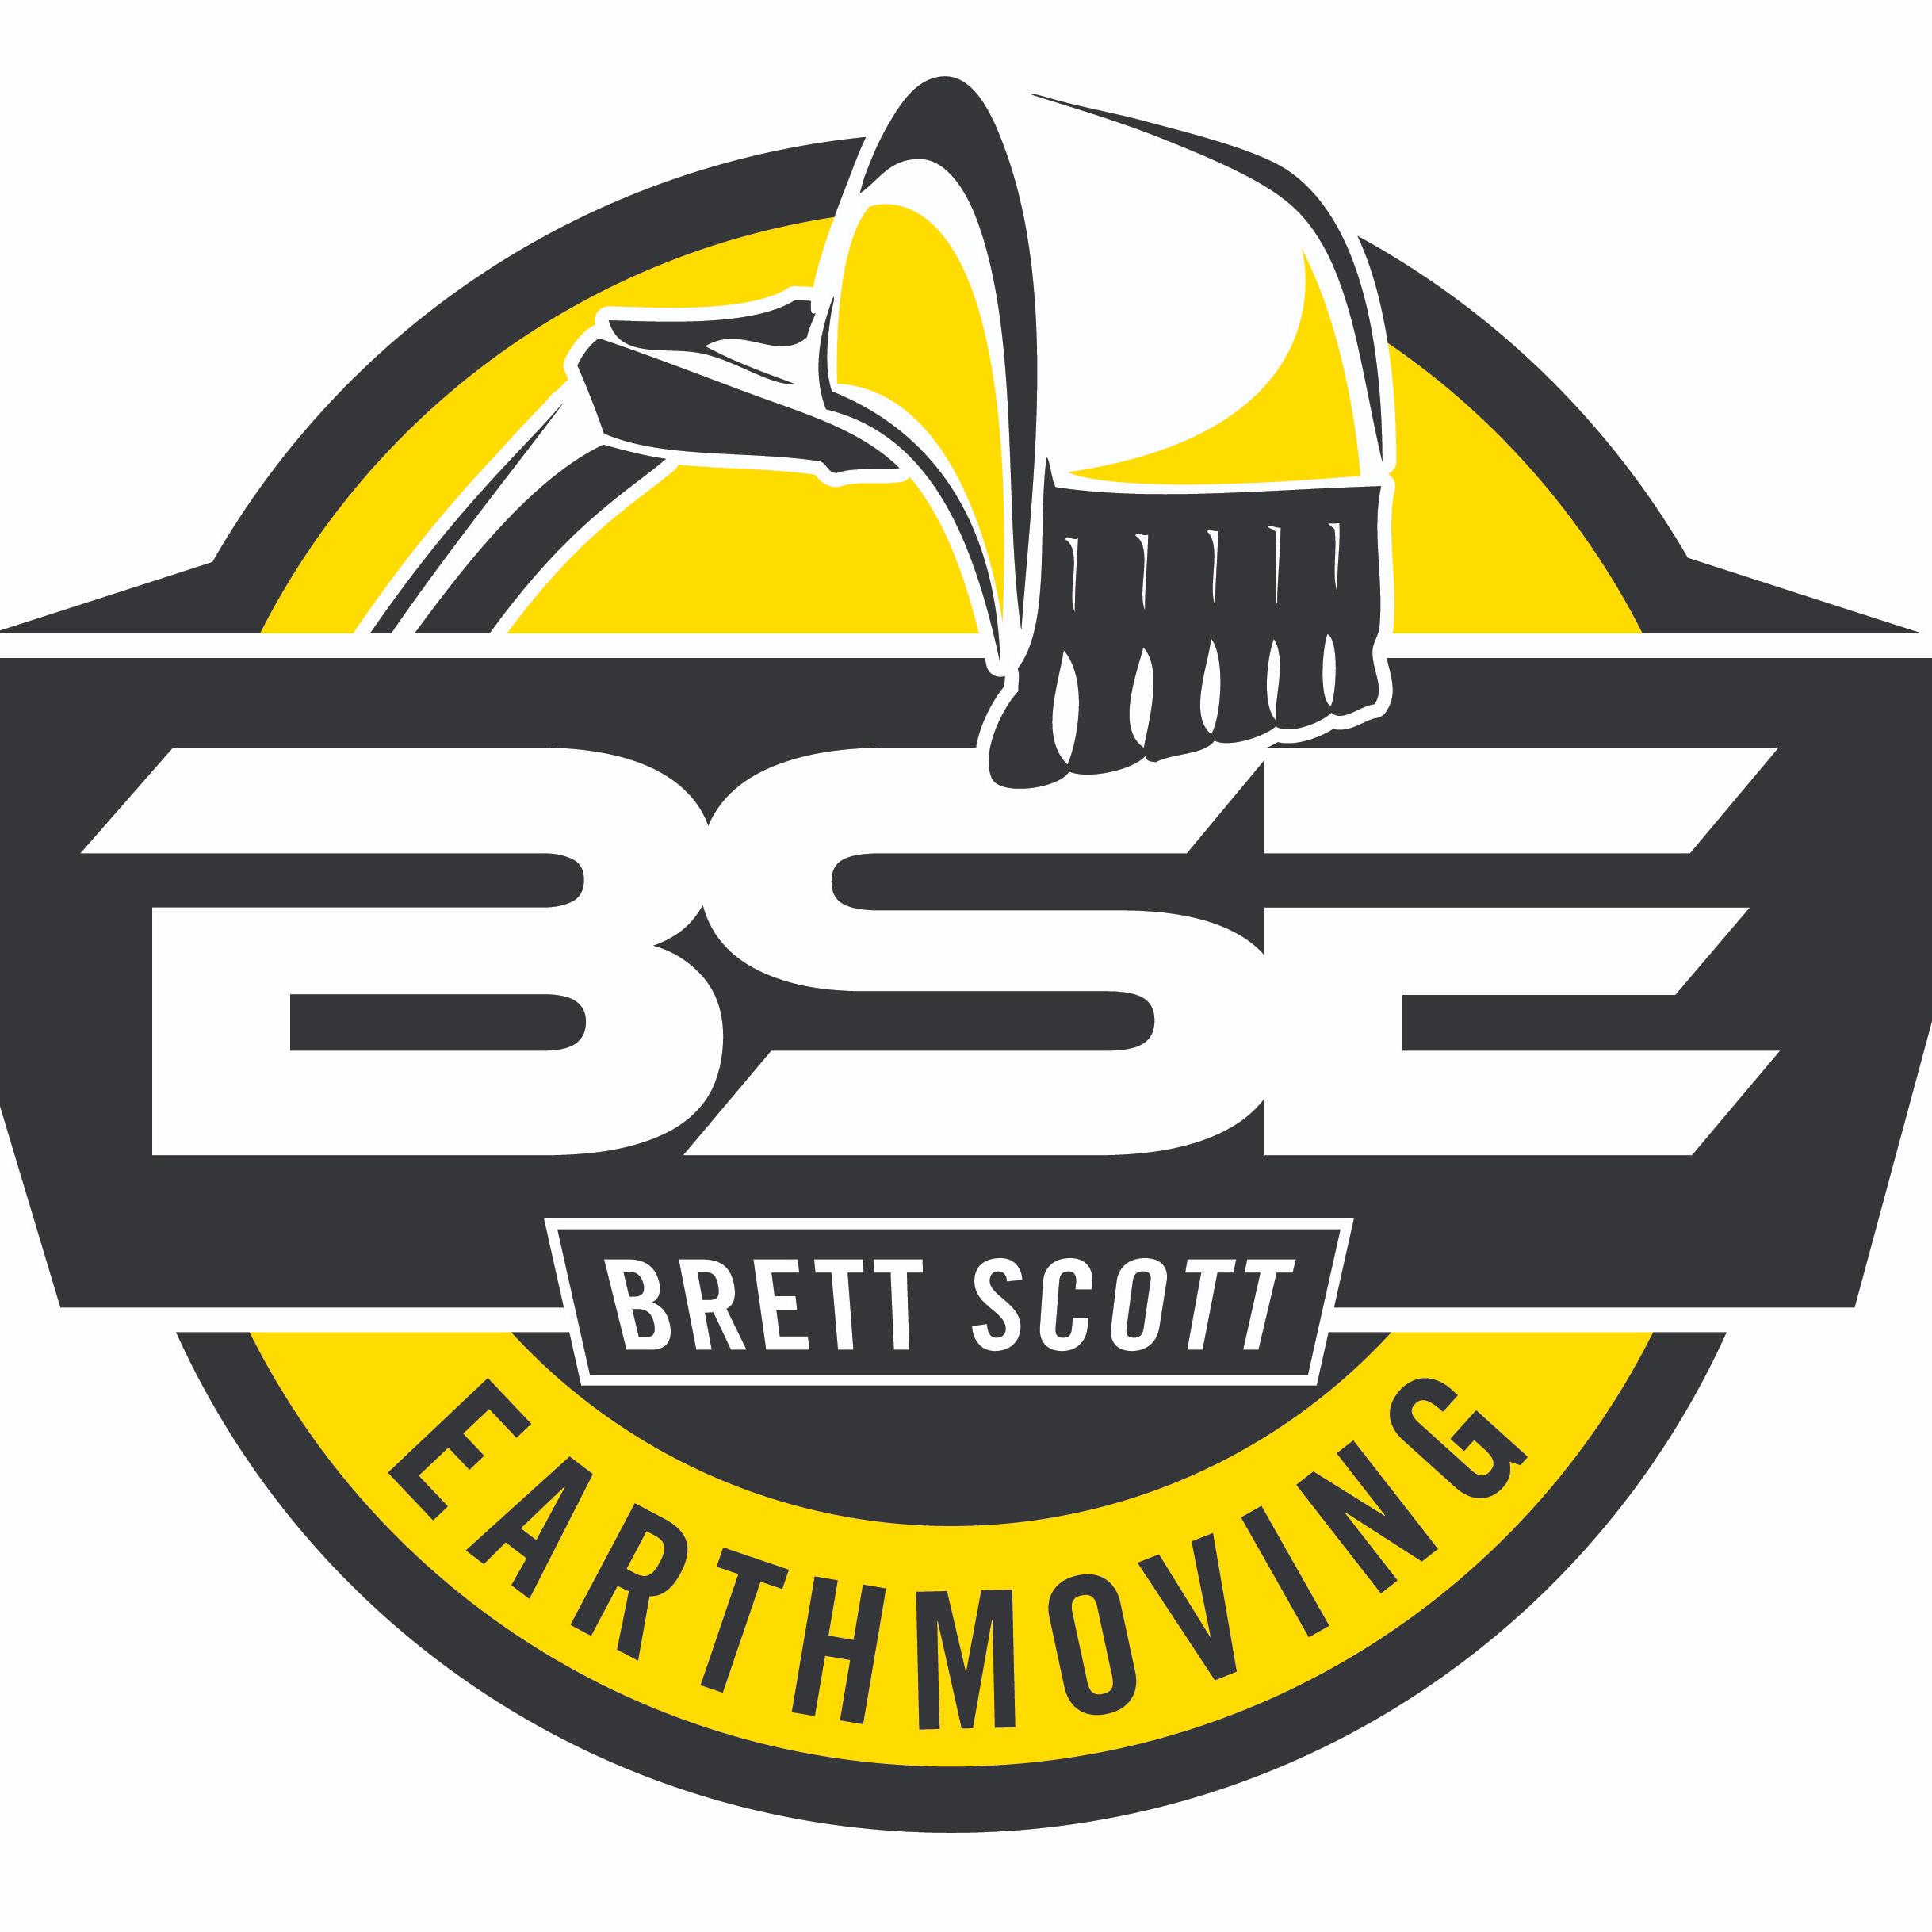 Brett Scott Earthmoving.